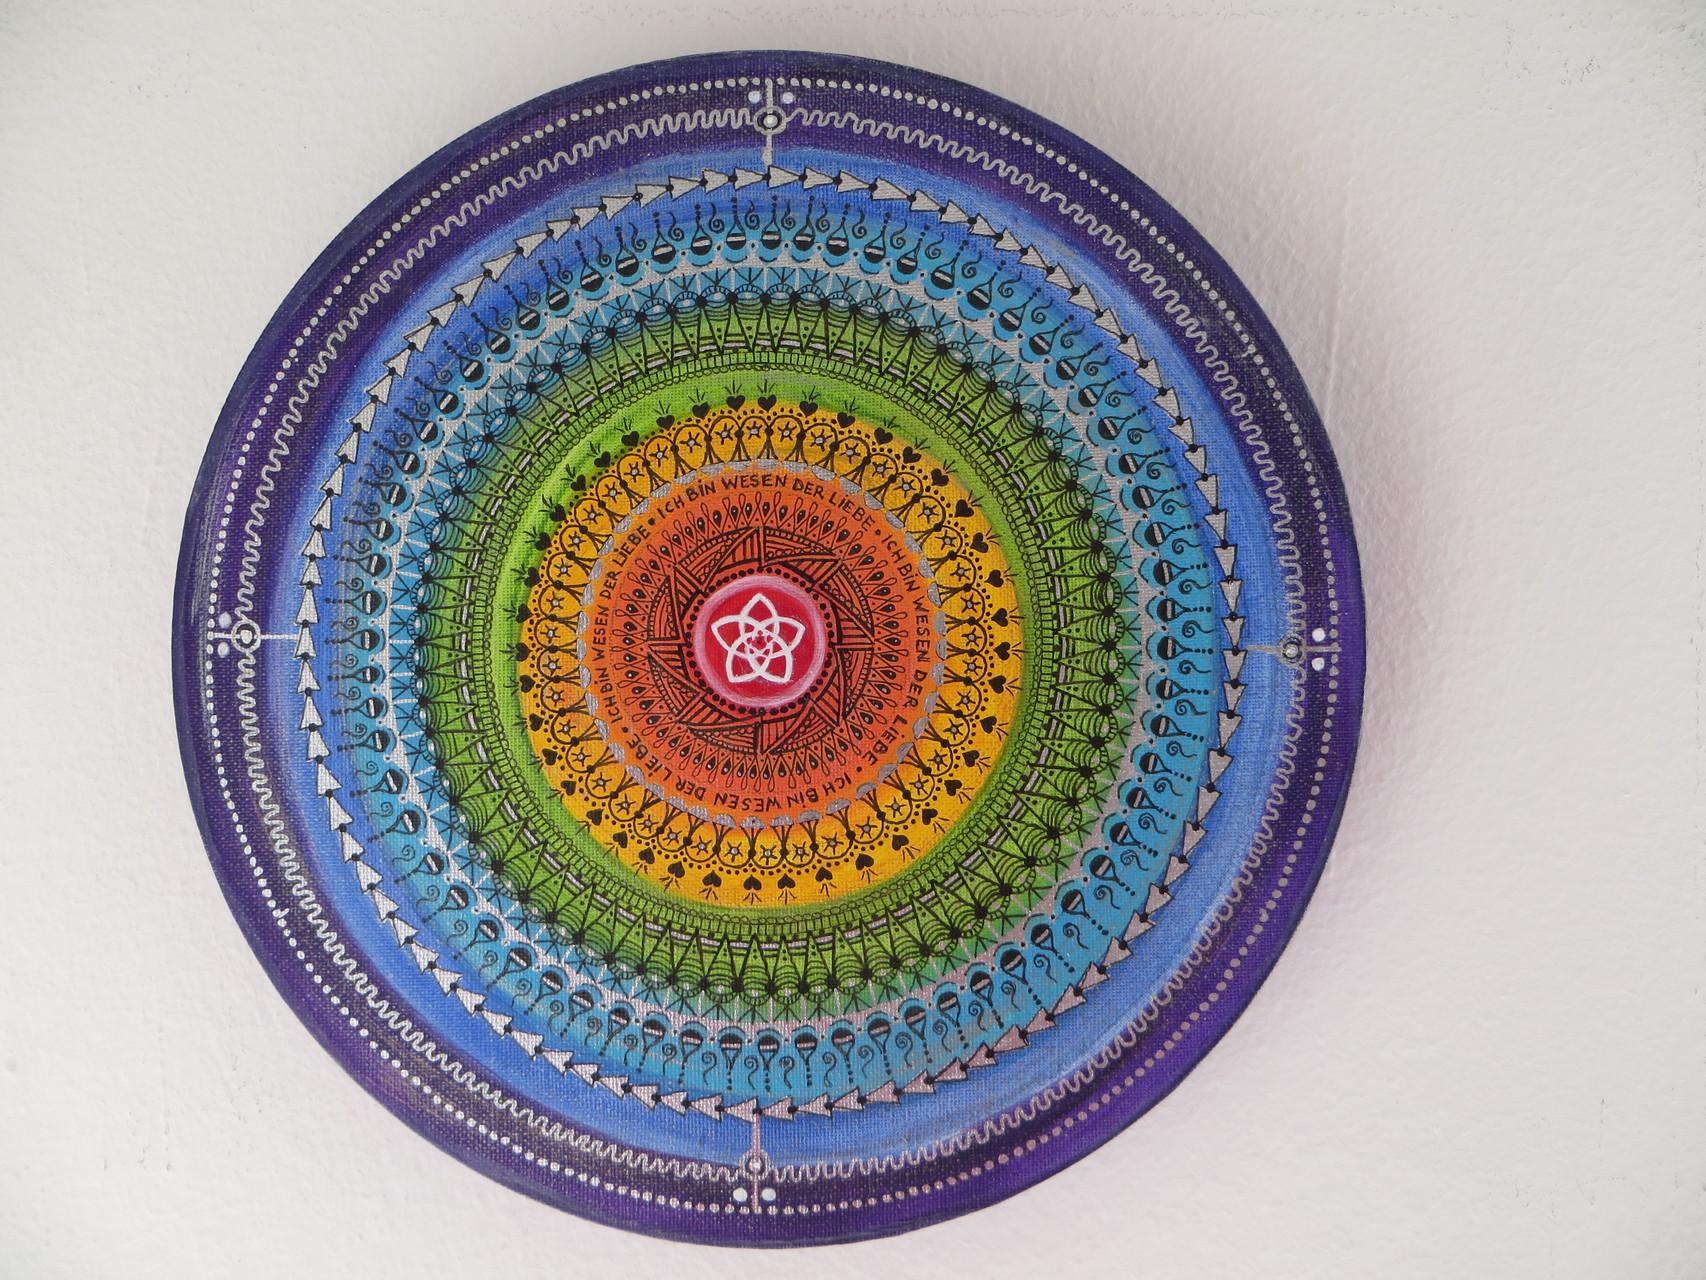 Durchmesser 30cm und viele, viele Stunden der Entstehung :)